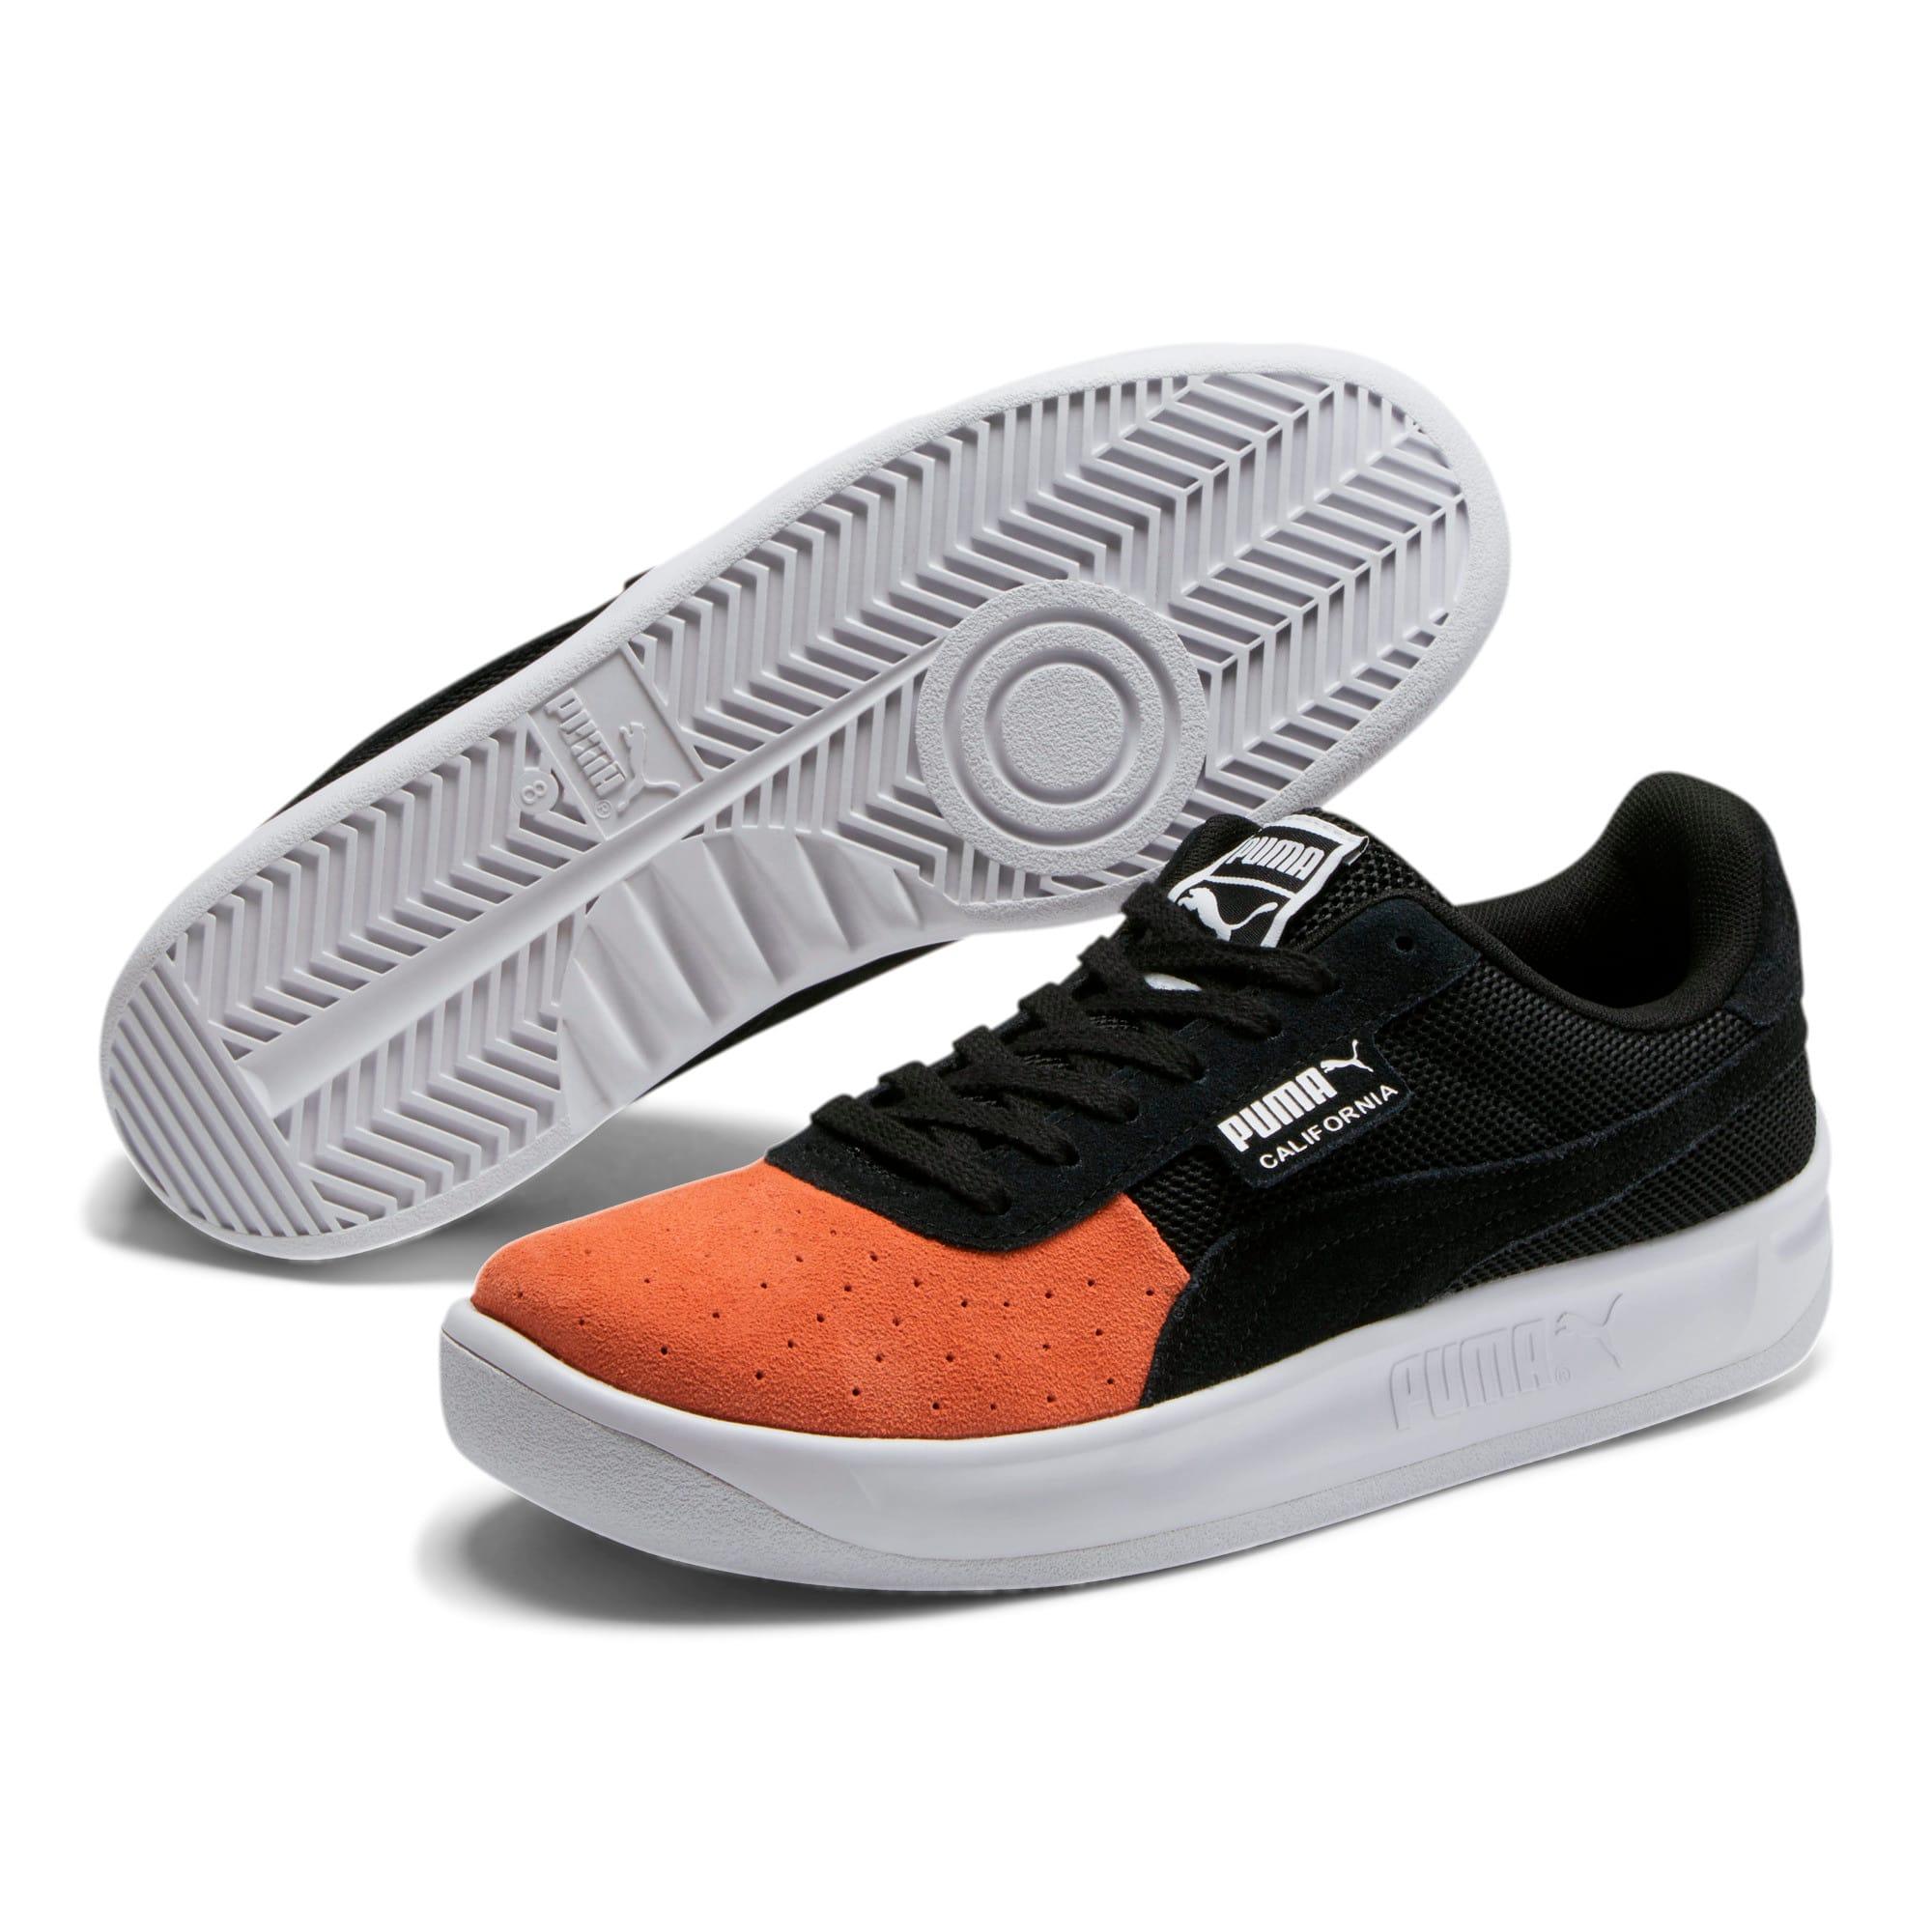 Miniatura 2 de Zapatos deportivos California Summer, Nasturtium-Puma Blk-Puma Wht, mediano